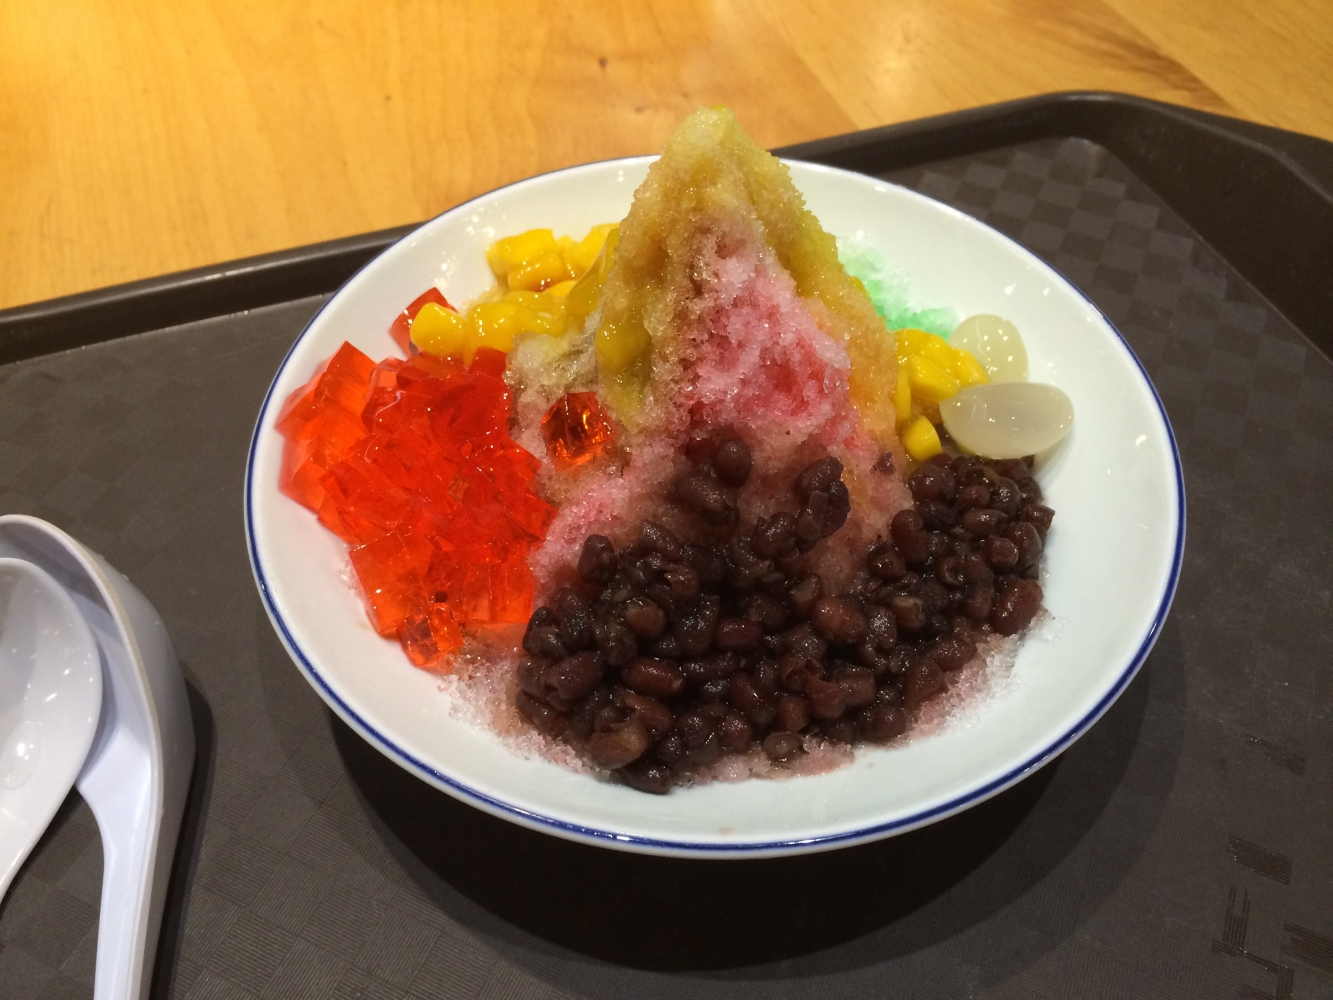 Ice Kachang - Malaysische Nachspeise mit Rasureis, roten Bohnen, Mangostückchen, und Minzgelee